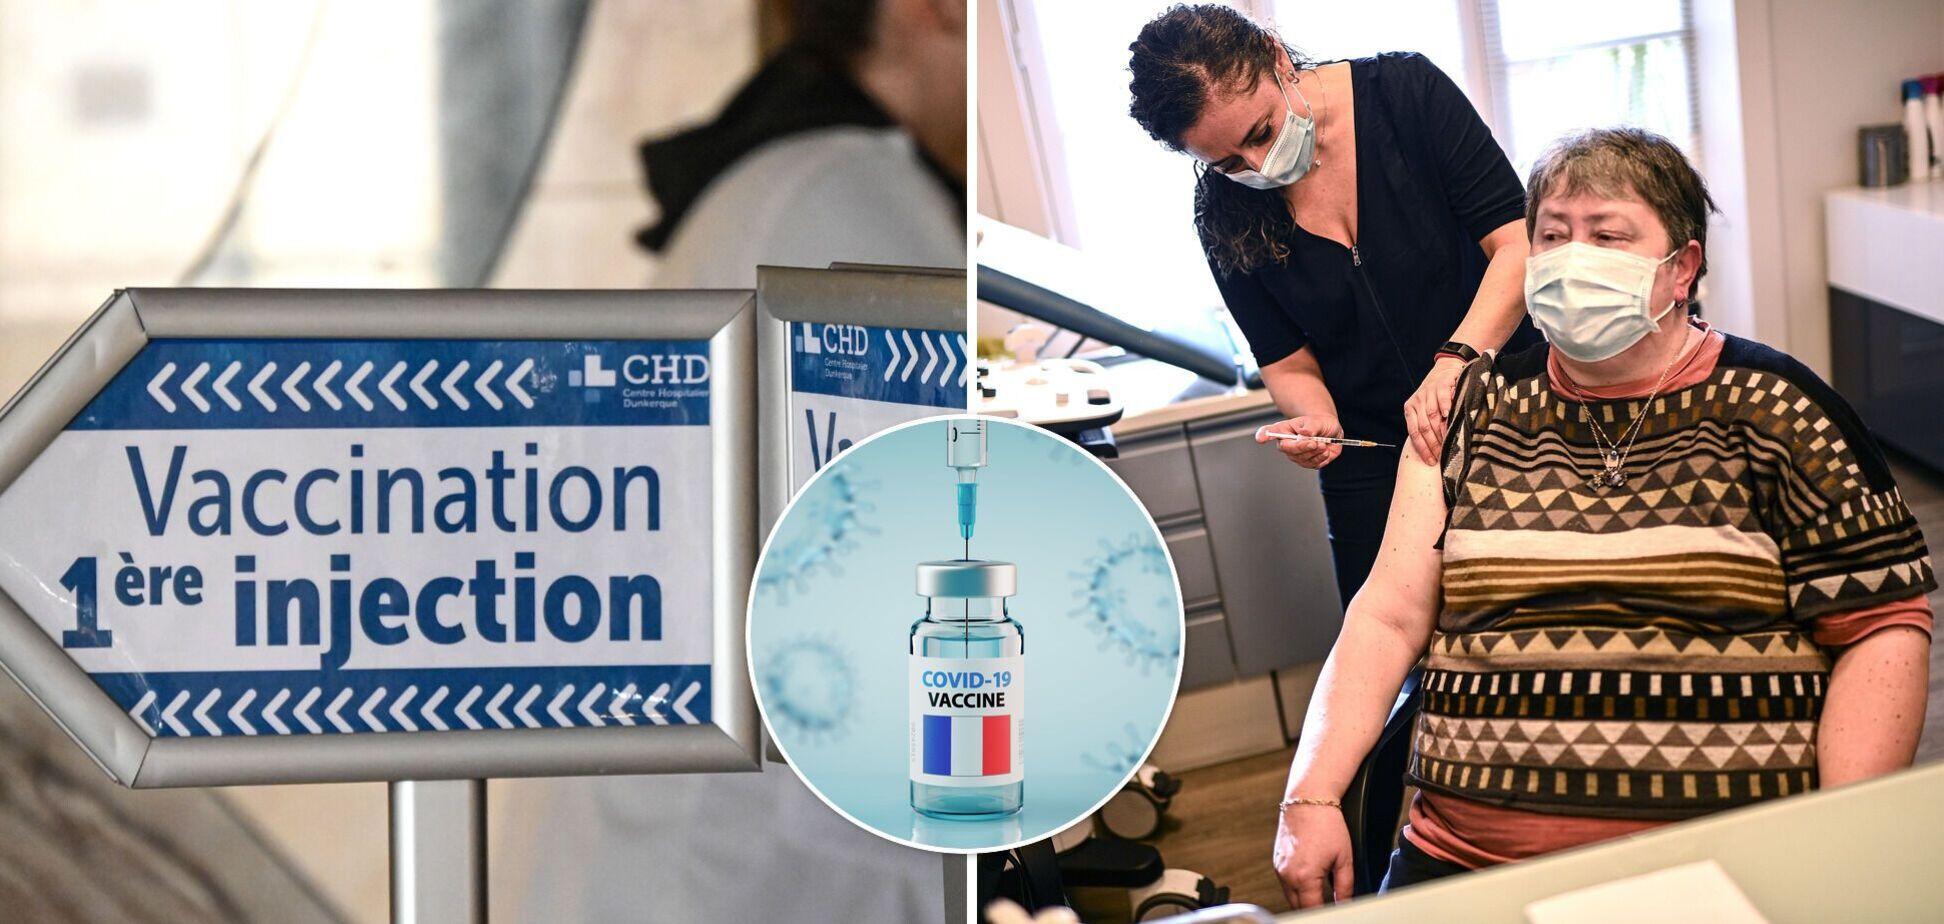 Українка про вакцинацію від COVID-19 у Франції: поки процес іде слабо